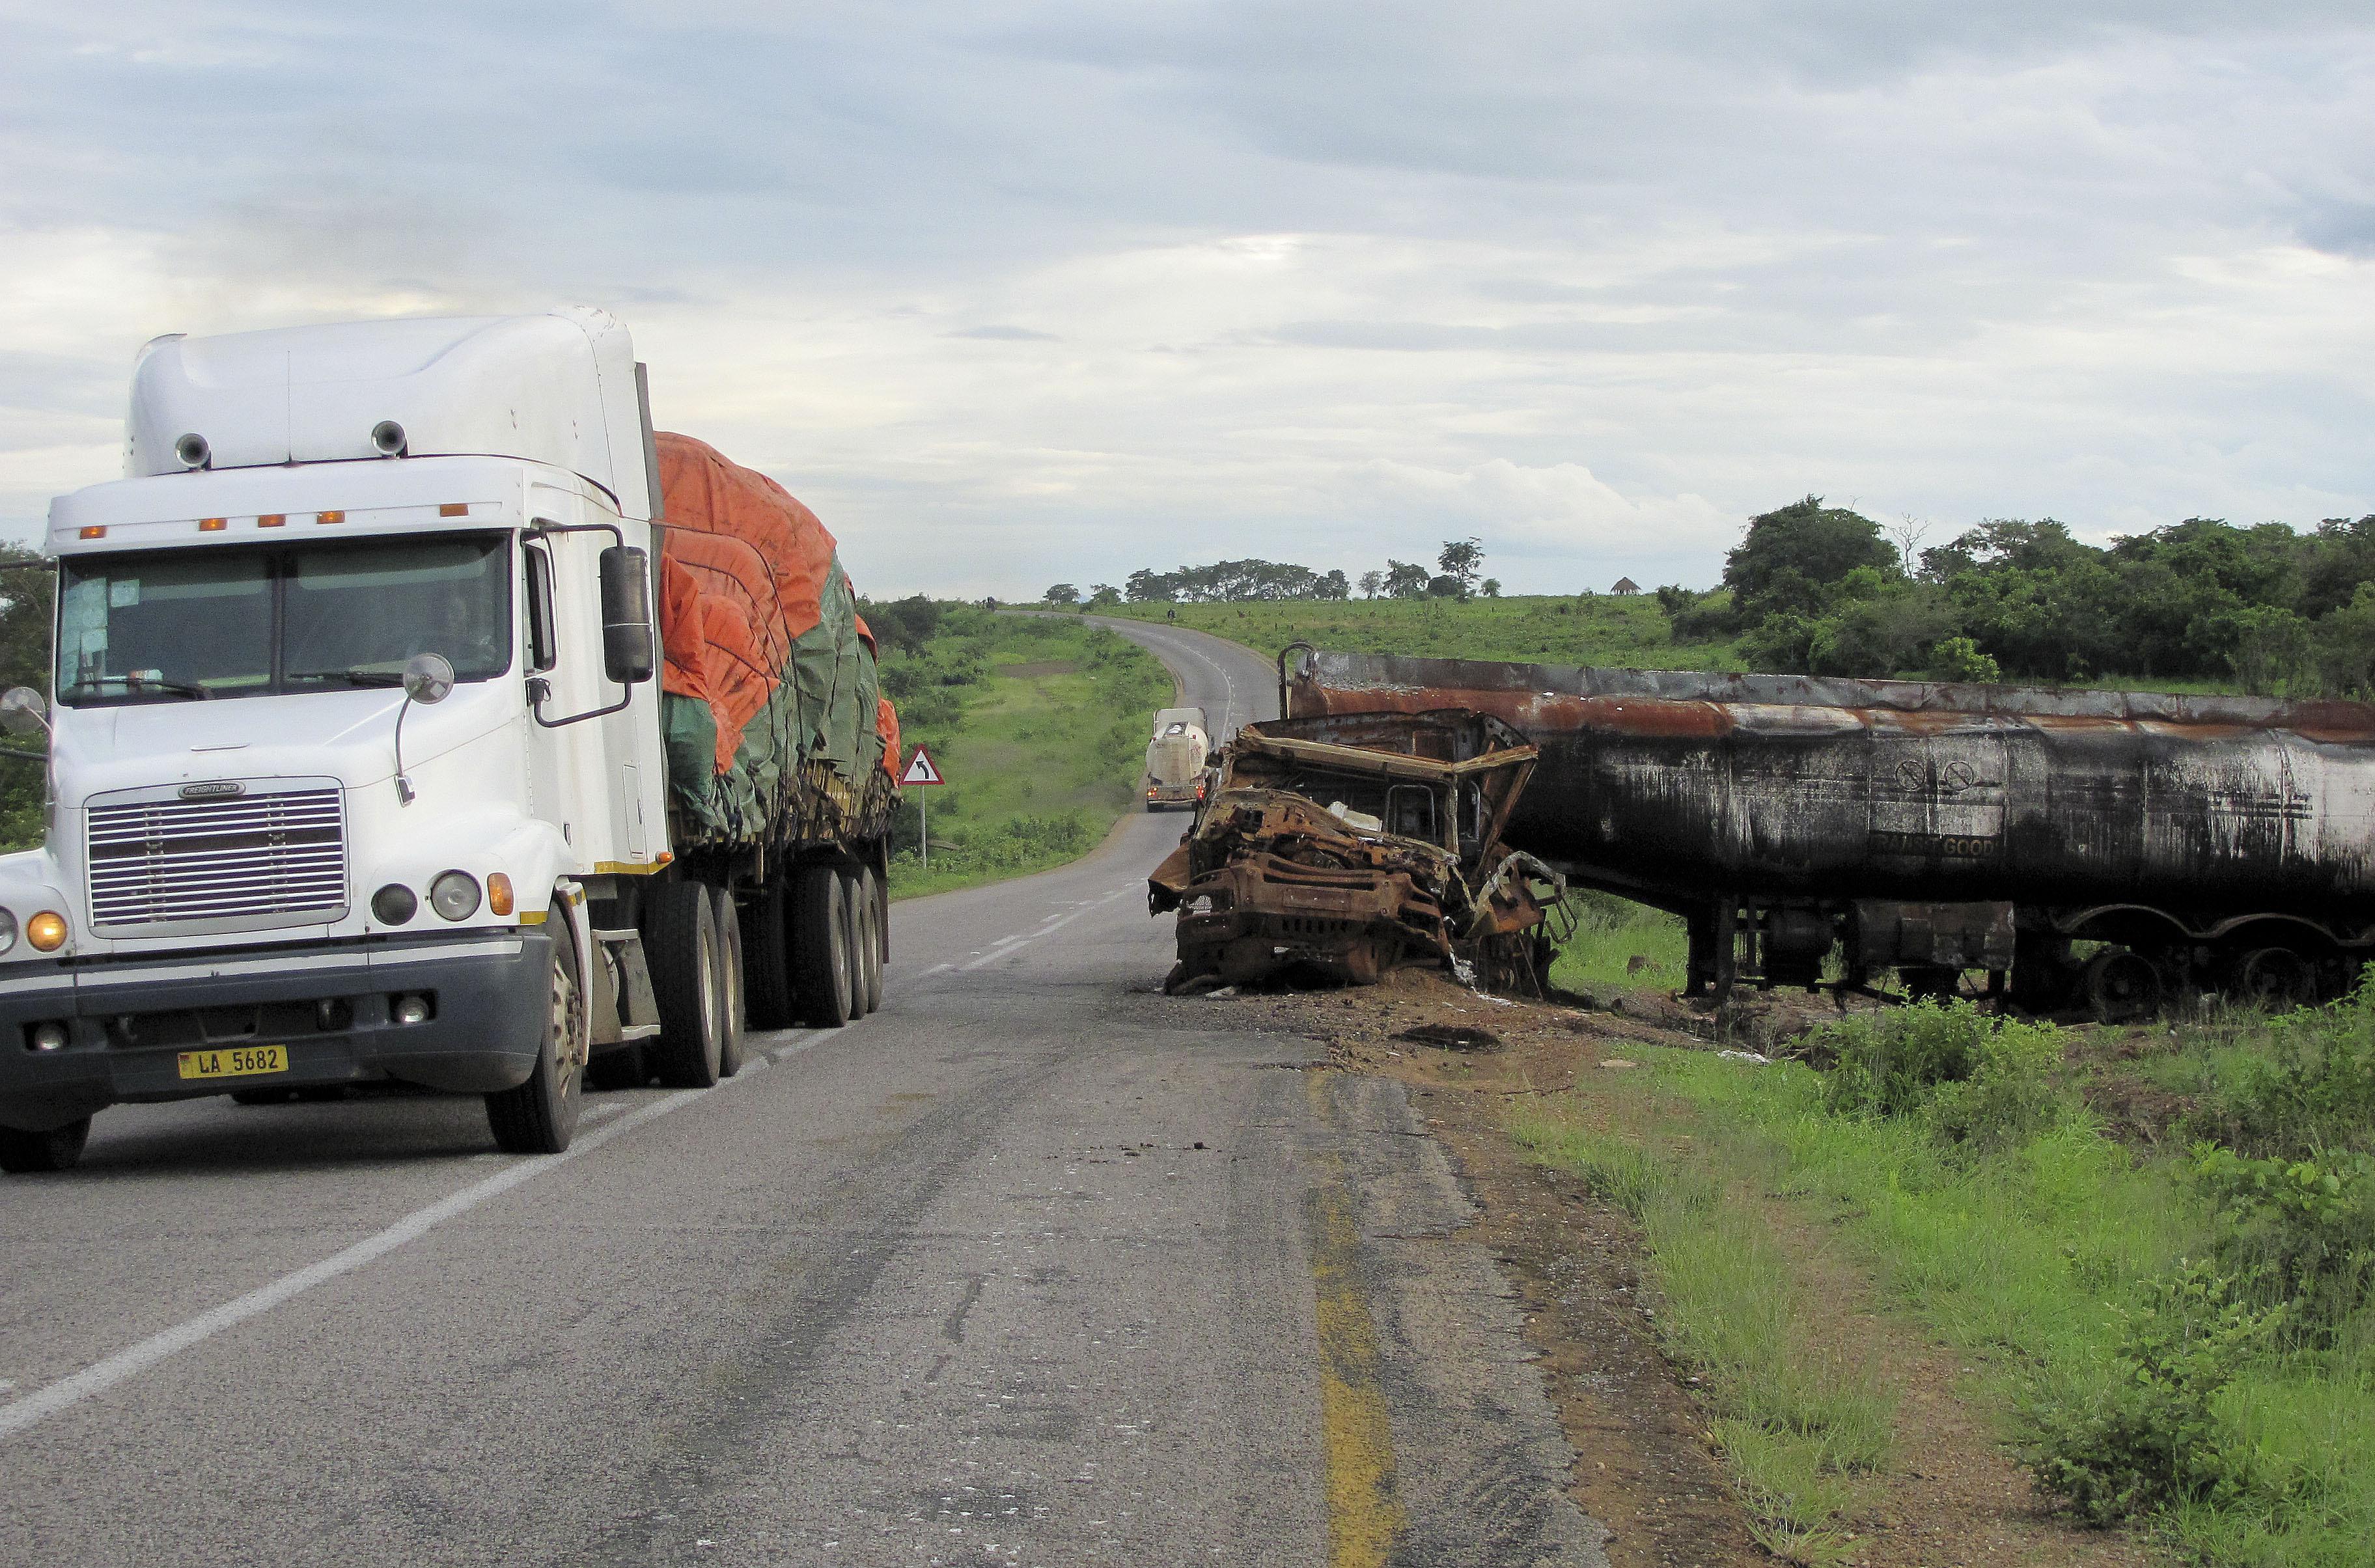 """Mortes nas estradas moçambicanas diminuem em 2016, mas total ainda é """"elevado"""" - oficial"""